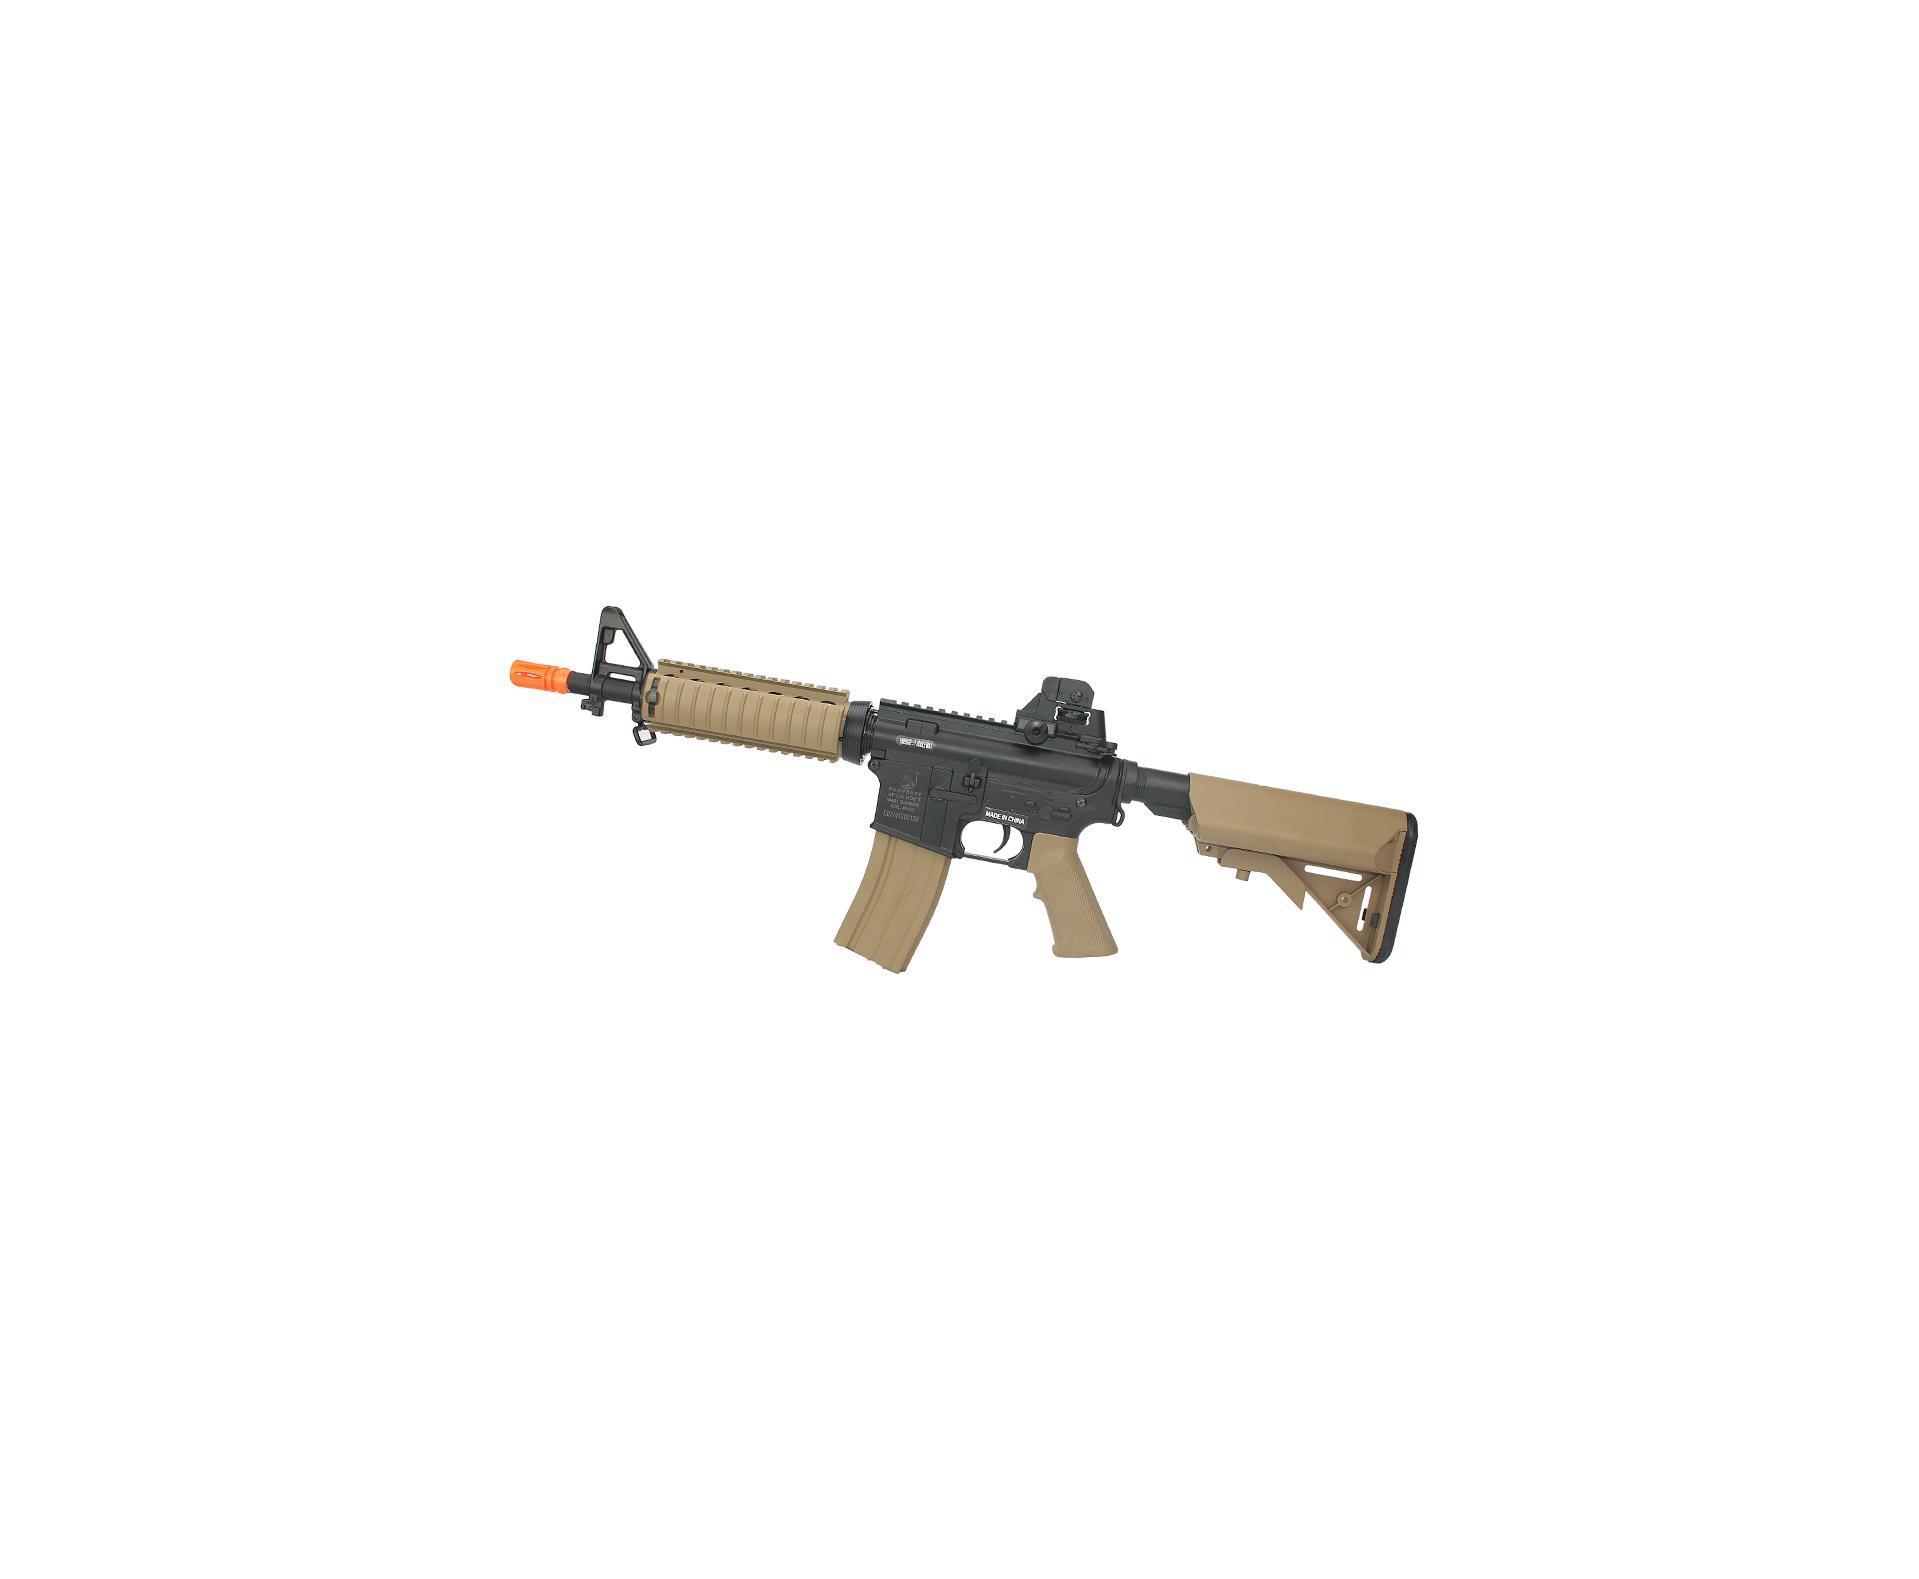 Rifle De Airsoft M4a1 Cqb Ris Colt Dark Earth Cal 6,00mm - Bivolt - Cybergun